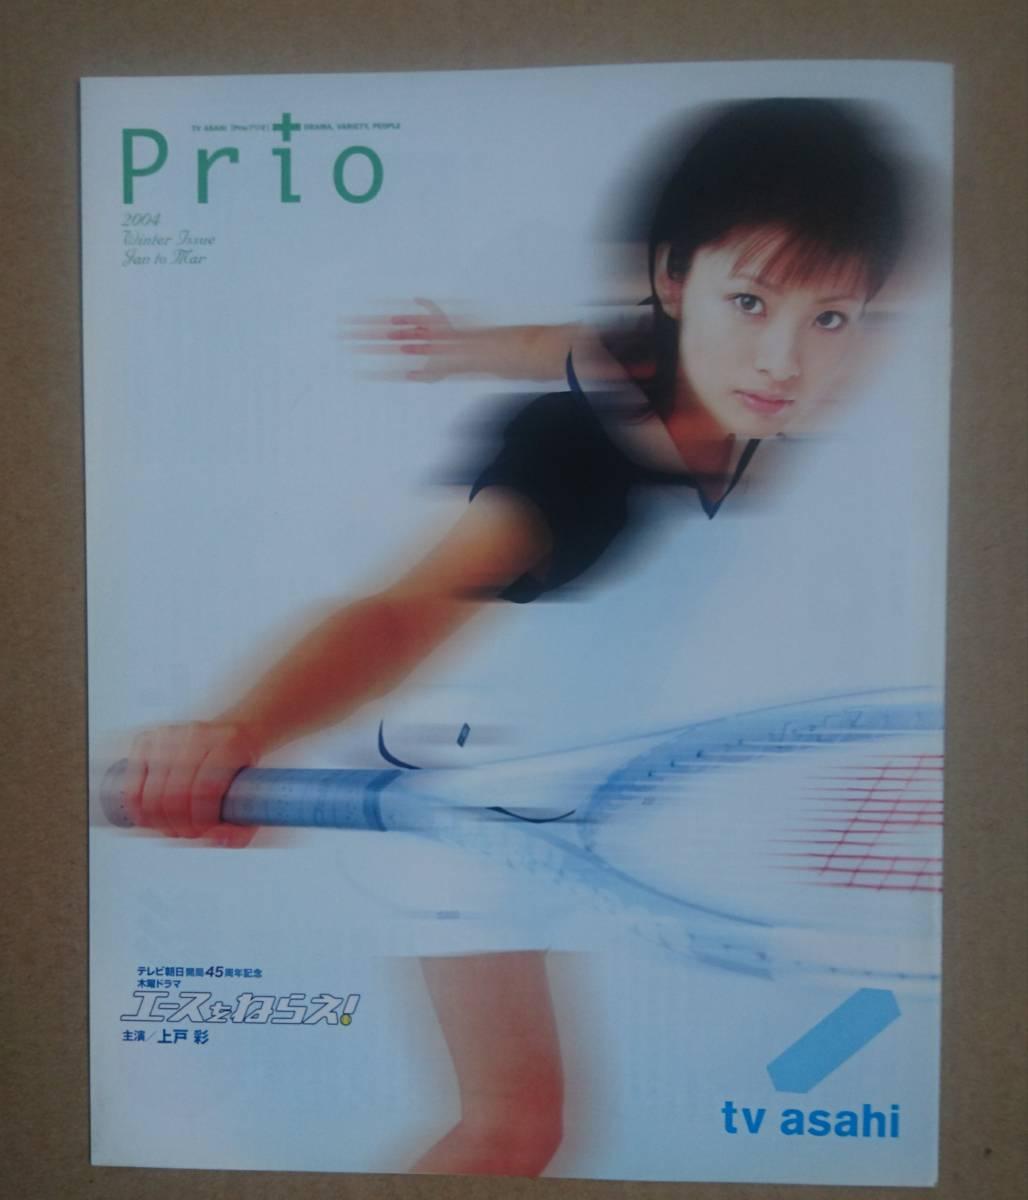 超激レア!◆上戸彩◆Prio 2004冬◆エースをねらえ!の表紙&特集◆非売品冊子◆新品美品 グッズの画像